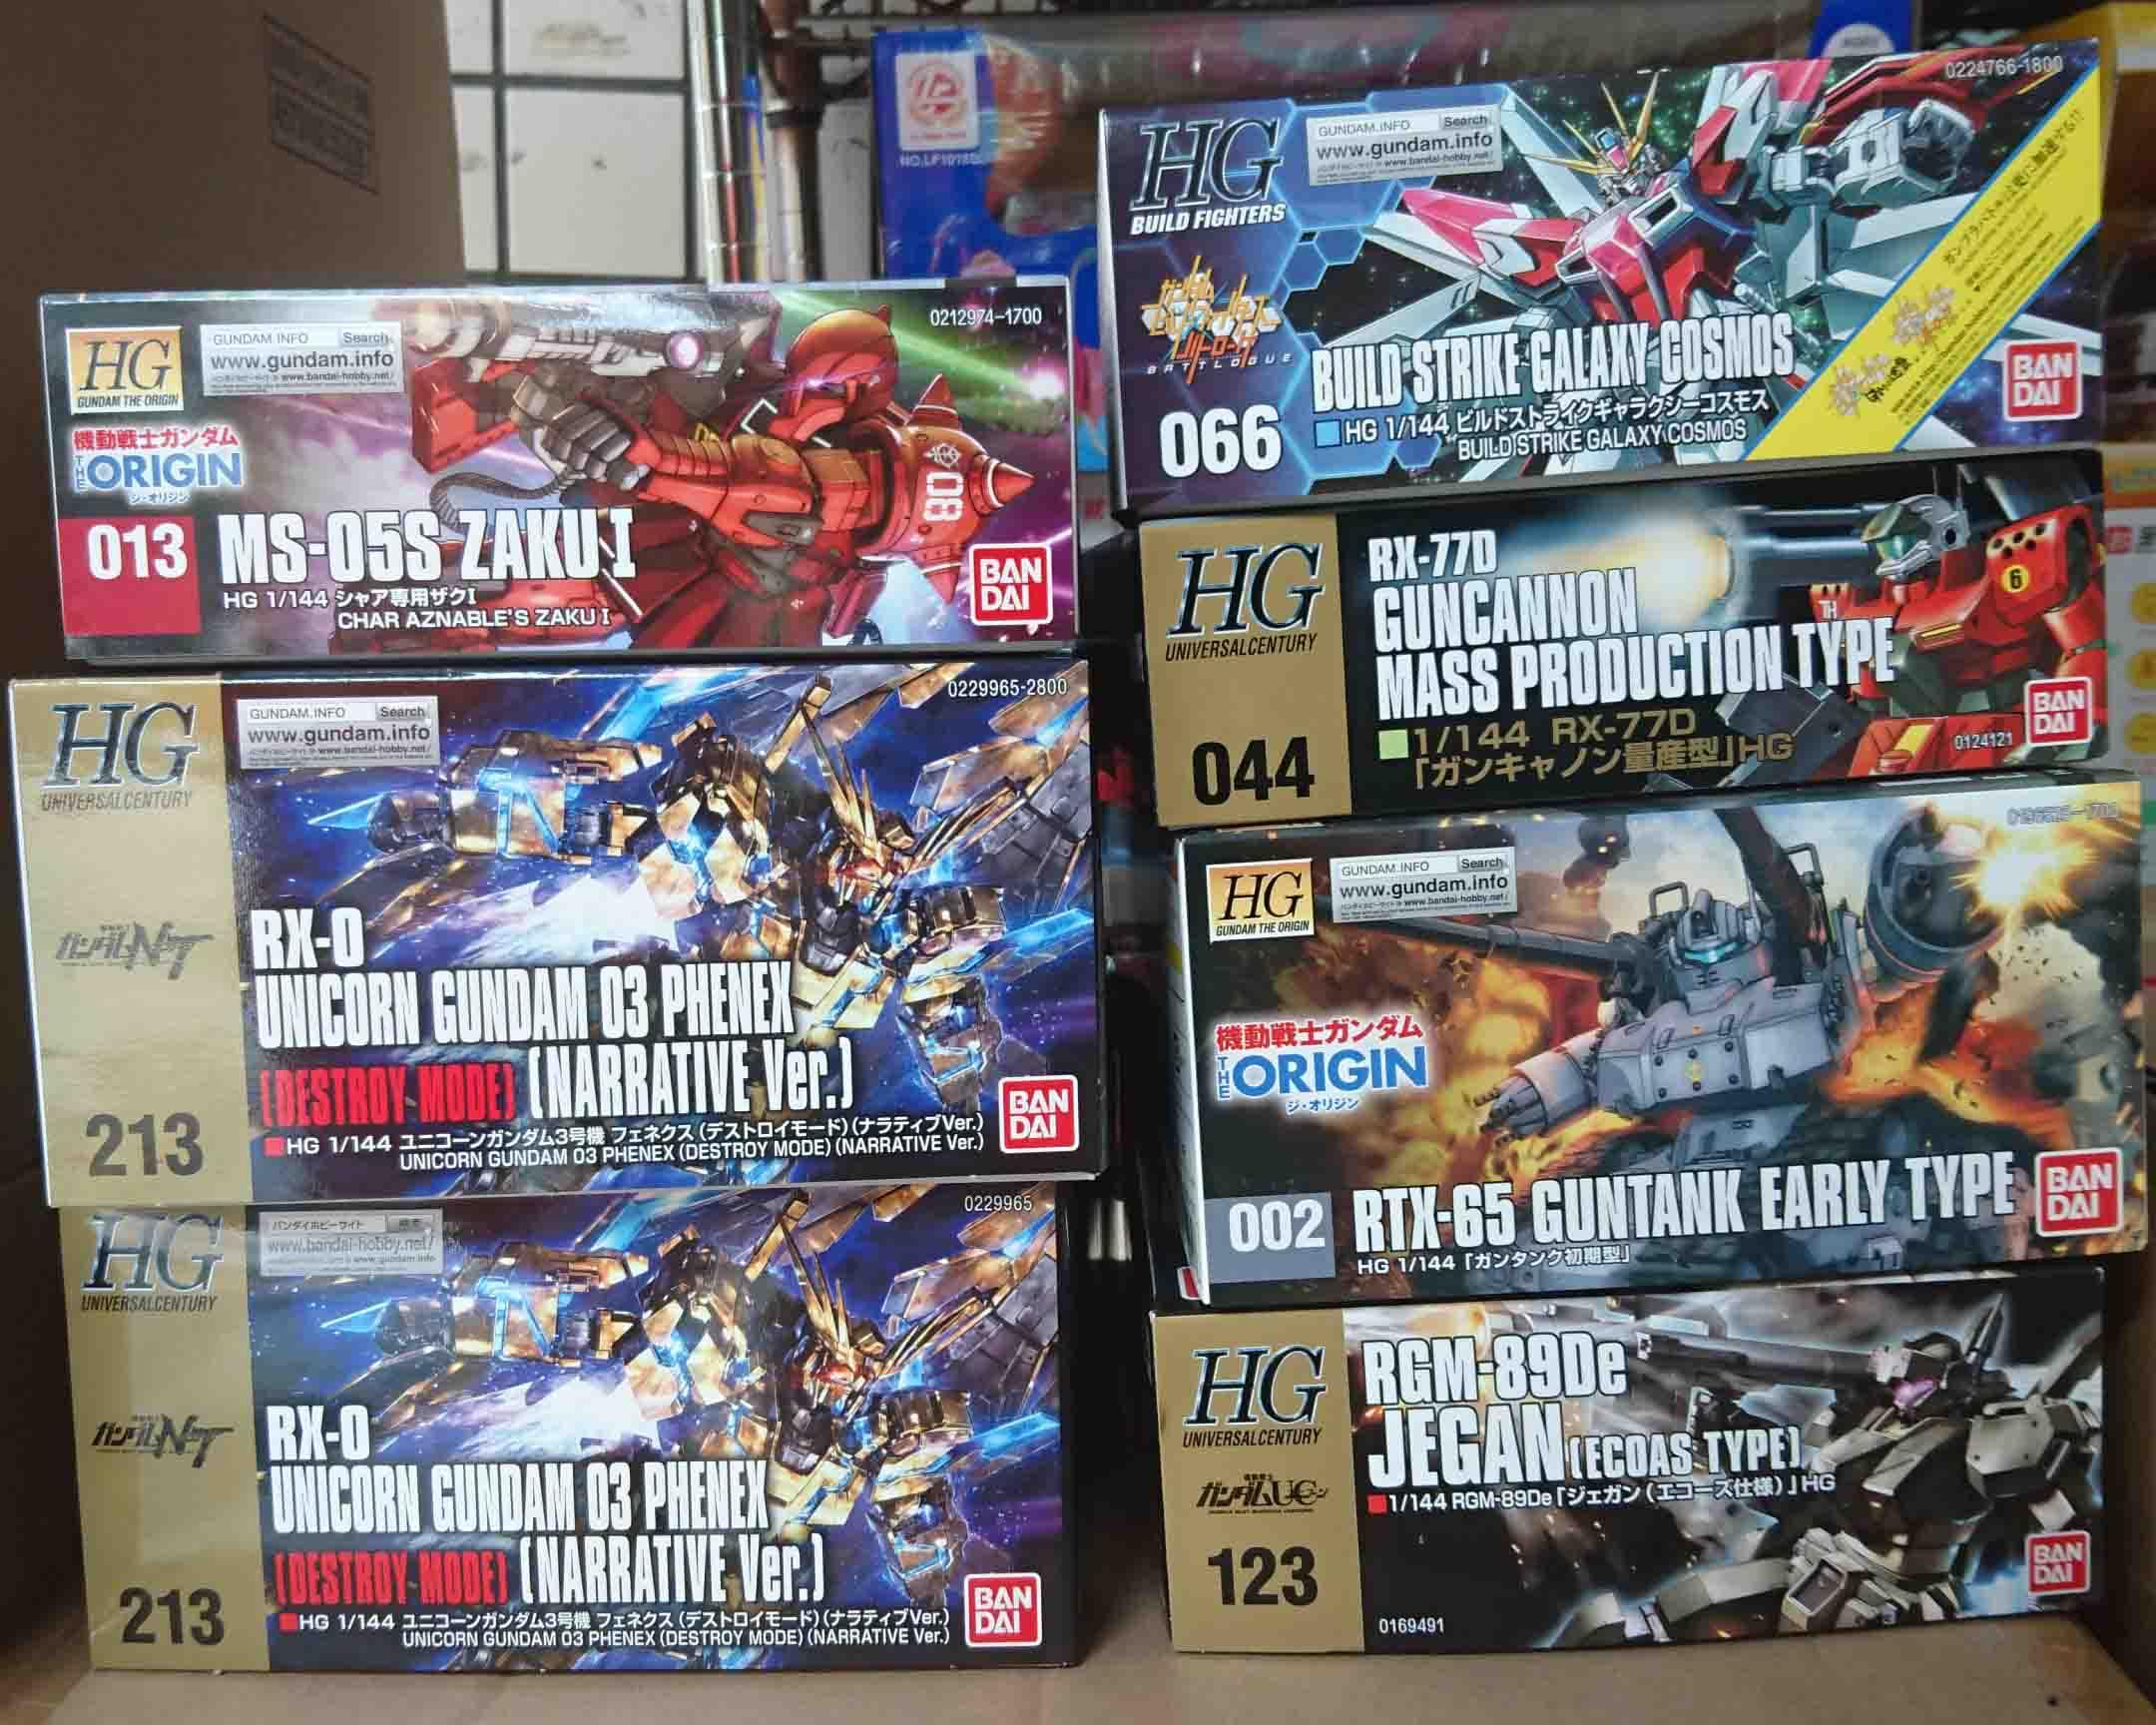 萬代組裝模型,HG 1/144 鋼彈系列到貨,益祥模型玩具實拍照片。